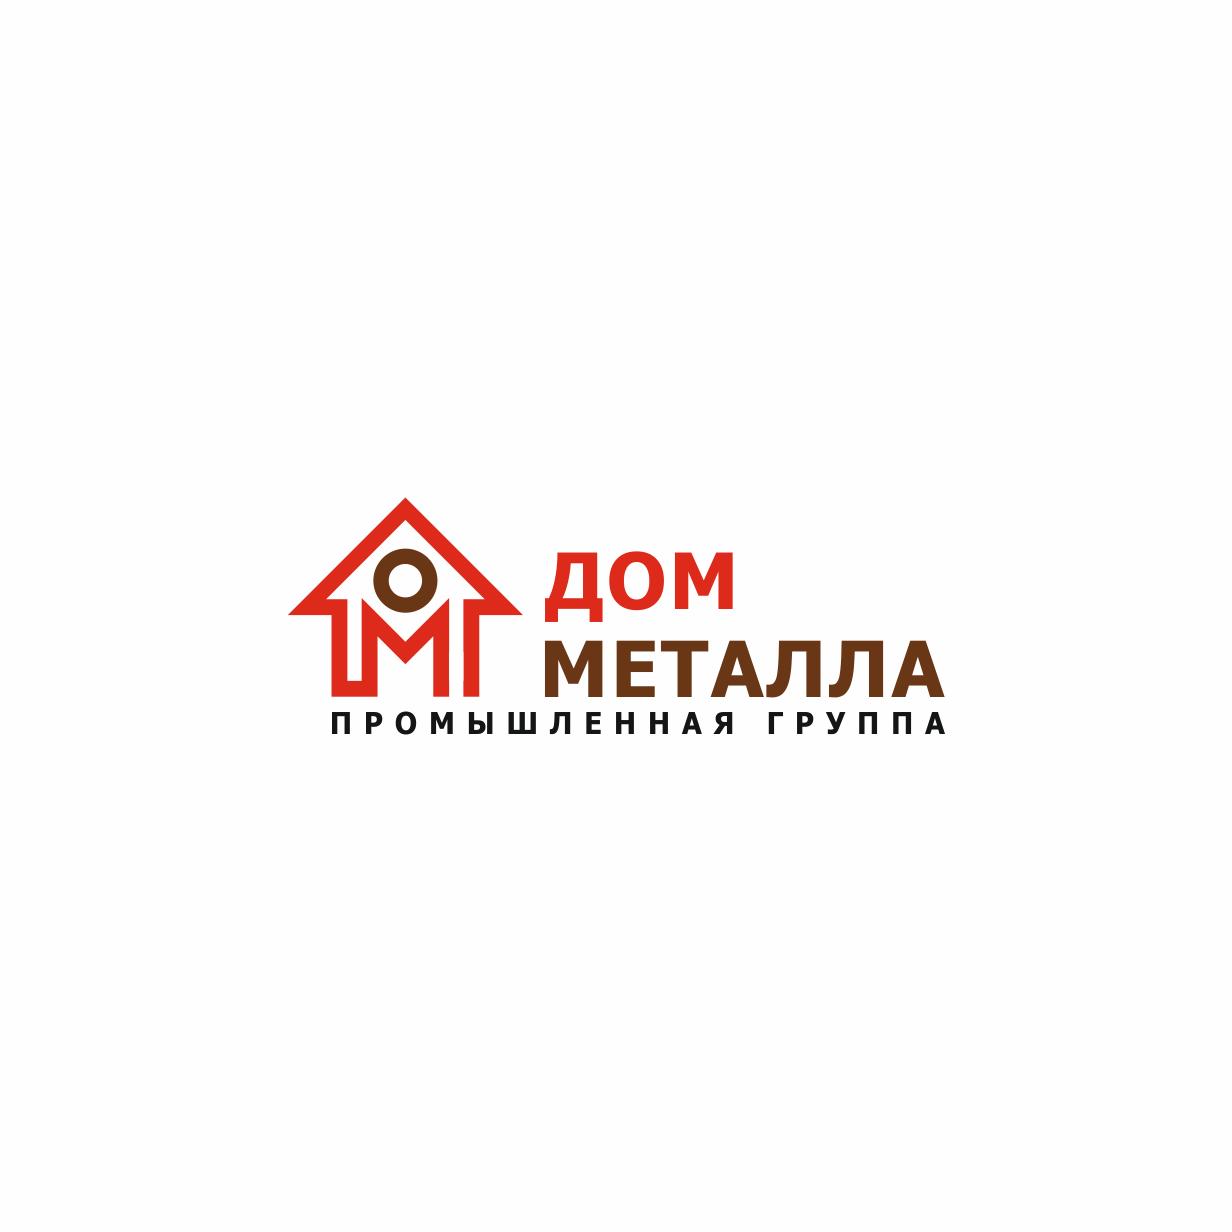 Разработка логотипа фото f_3275c5add2b7c2ec.png